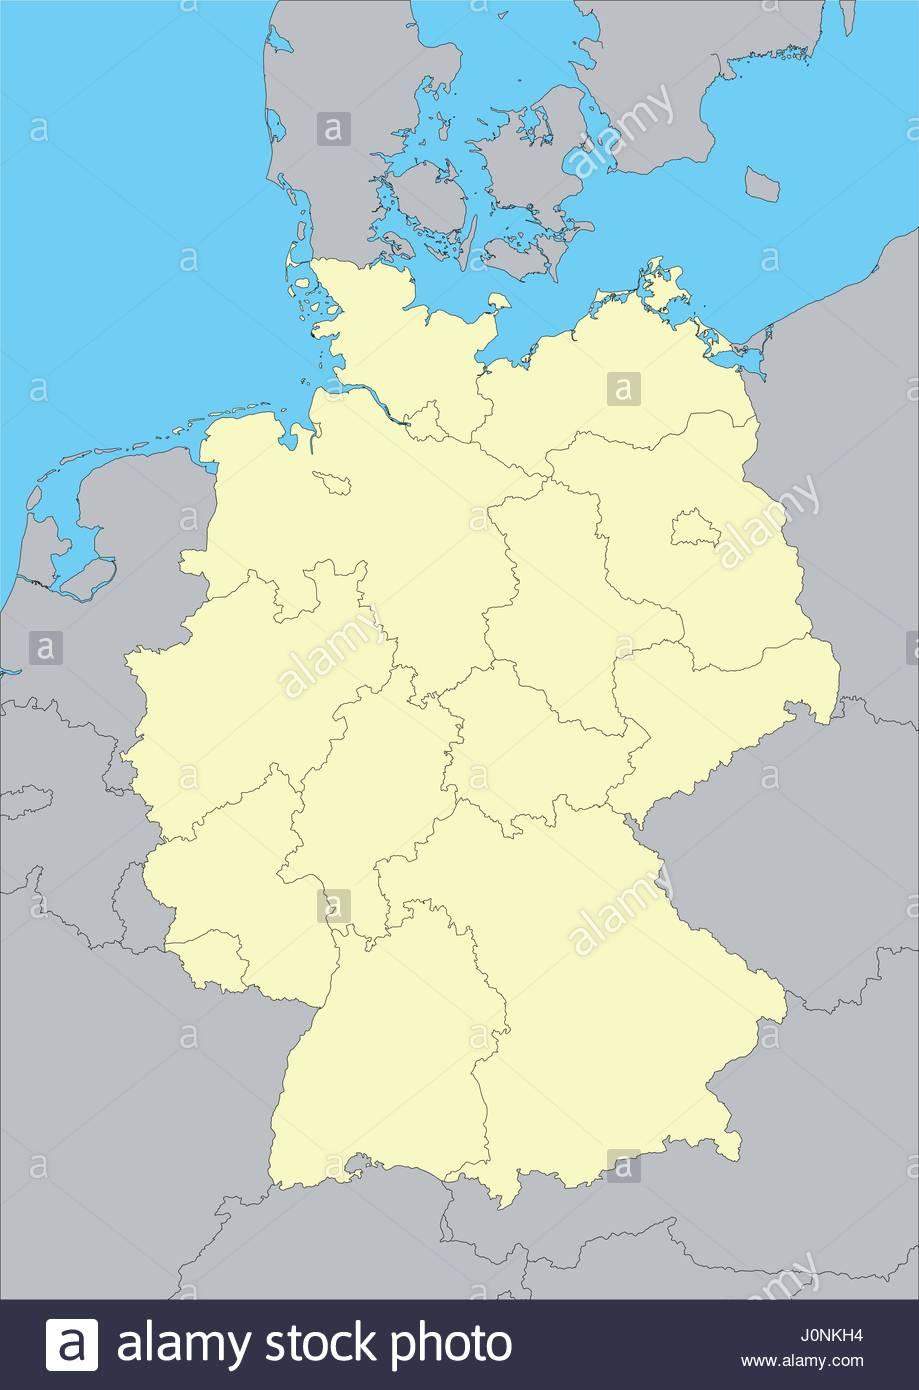 Carte Allemagne Facile.Carte Vectorielle De L Allemagne Et De Leurs Regions Facile